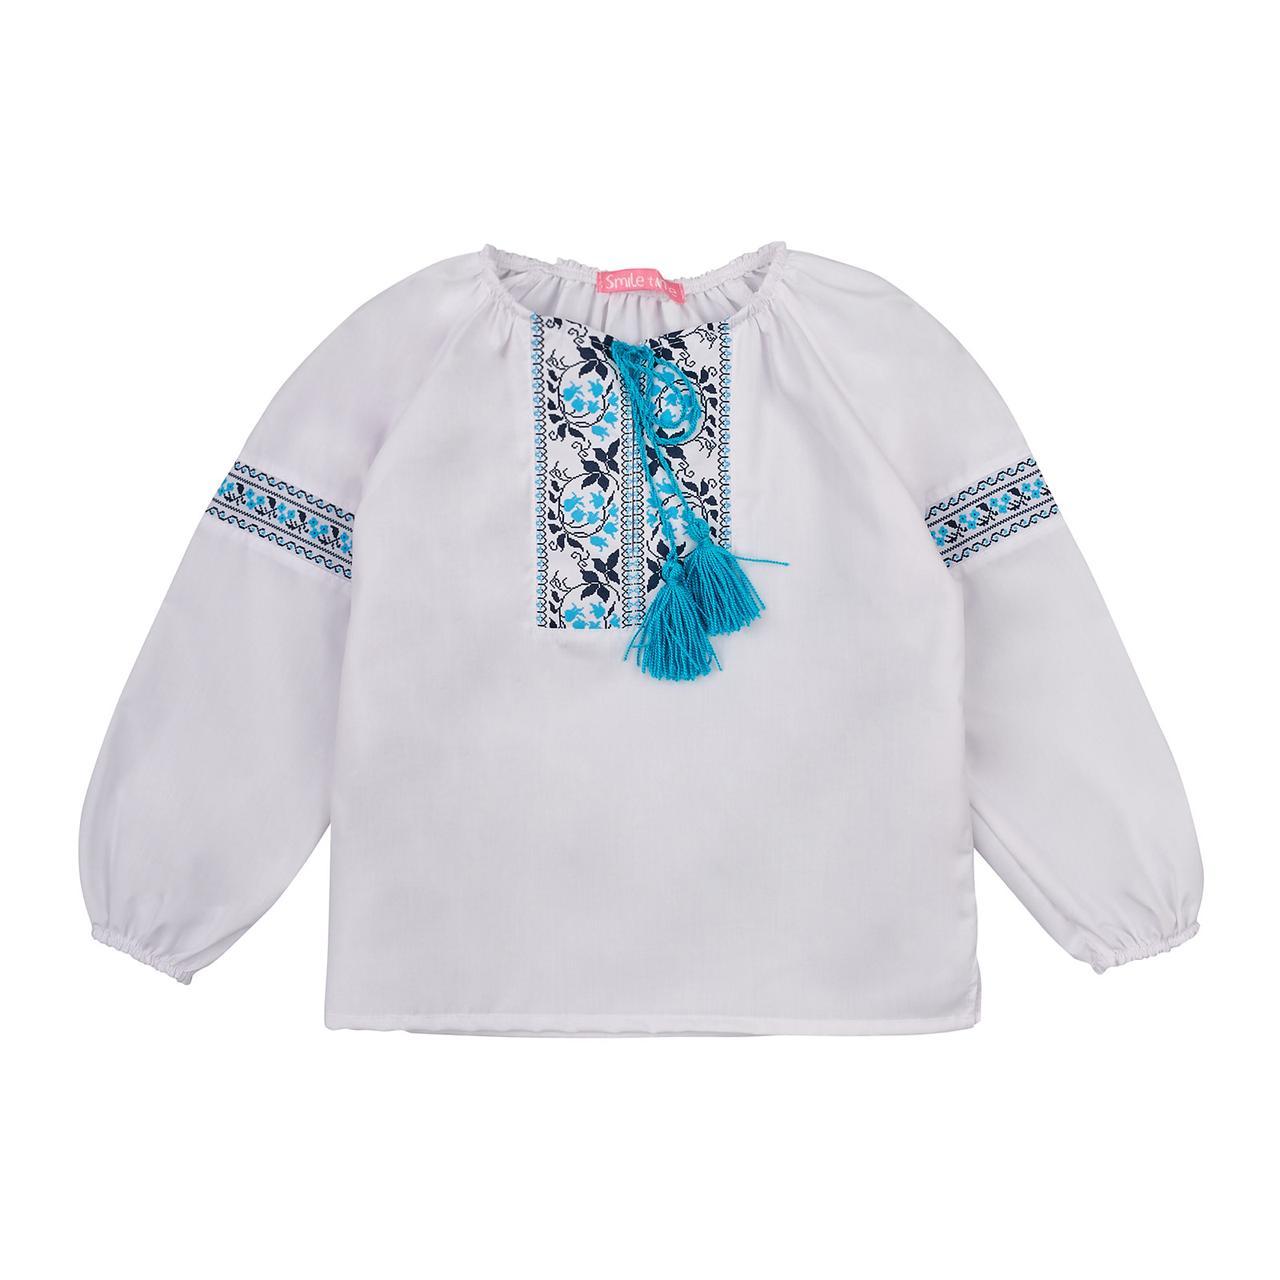 Вышиванка для девочки с длинным рукавом SmileTime 100% хлопок голубой узор